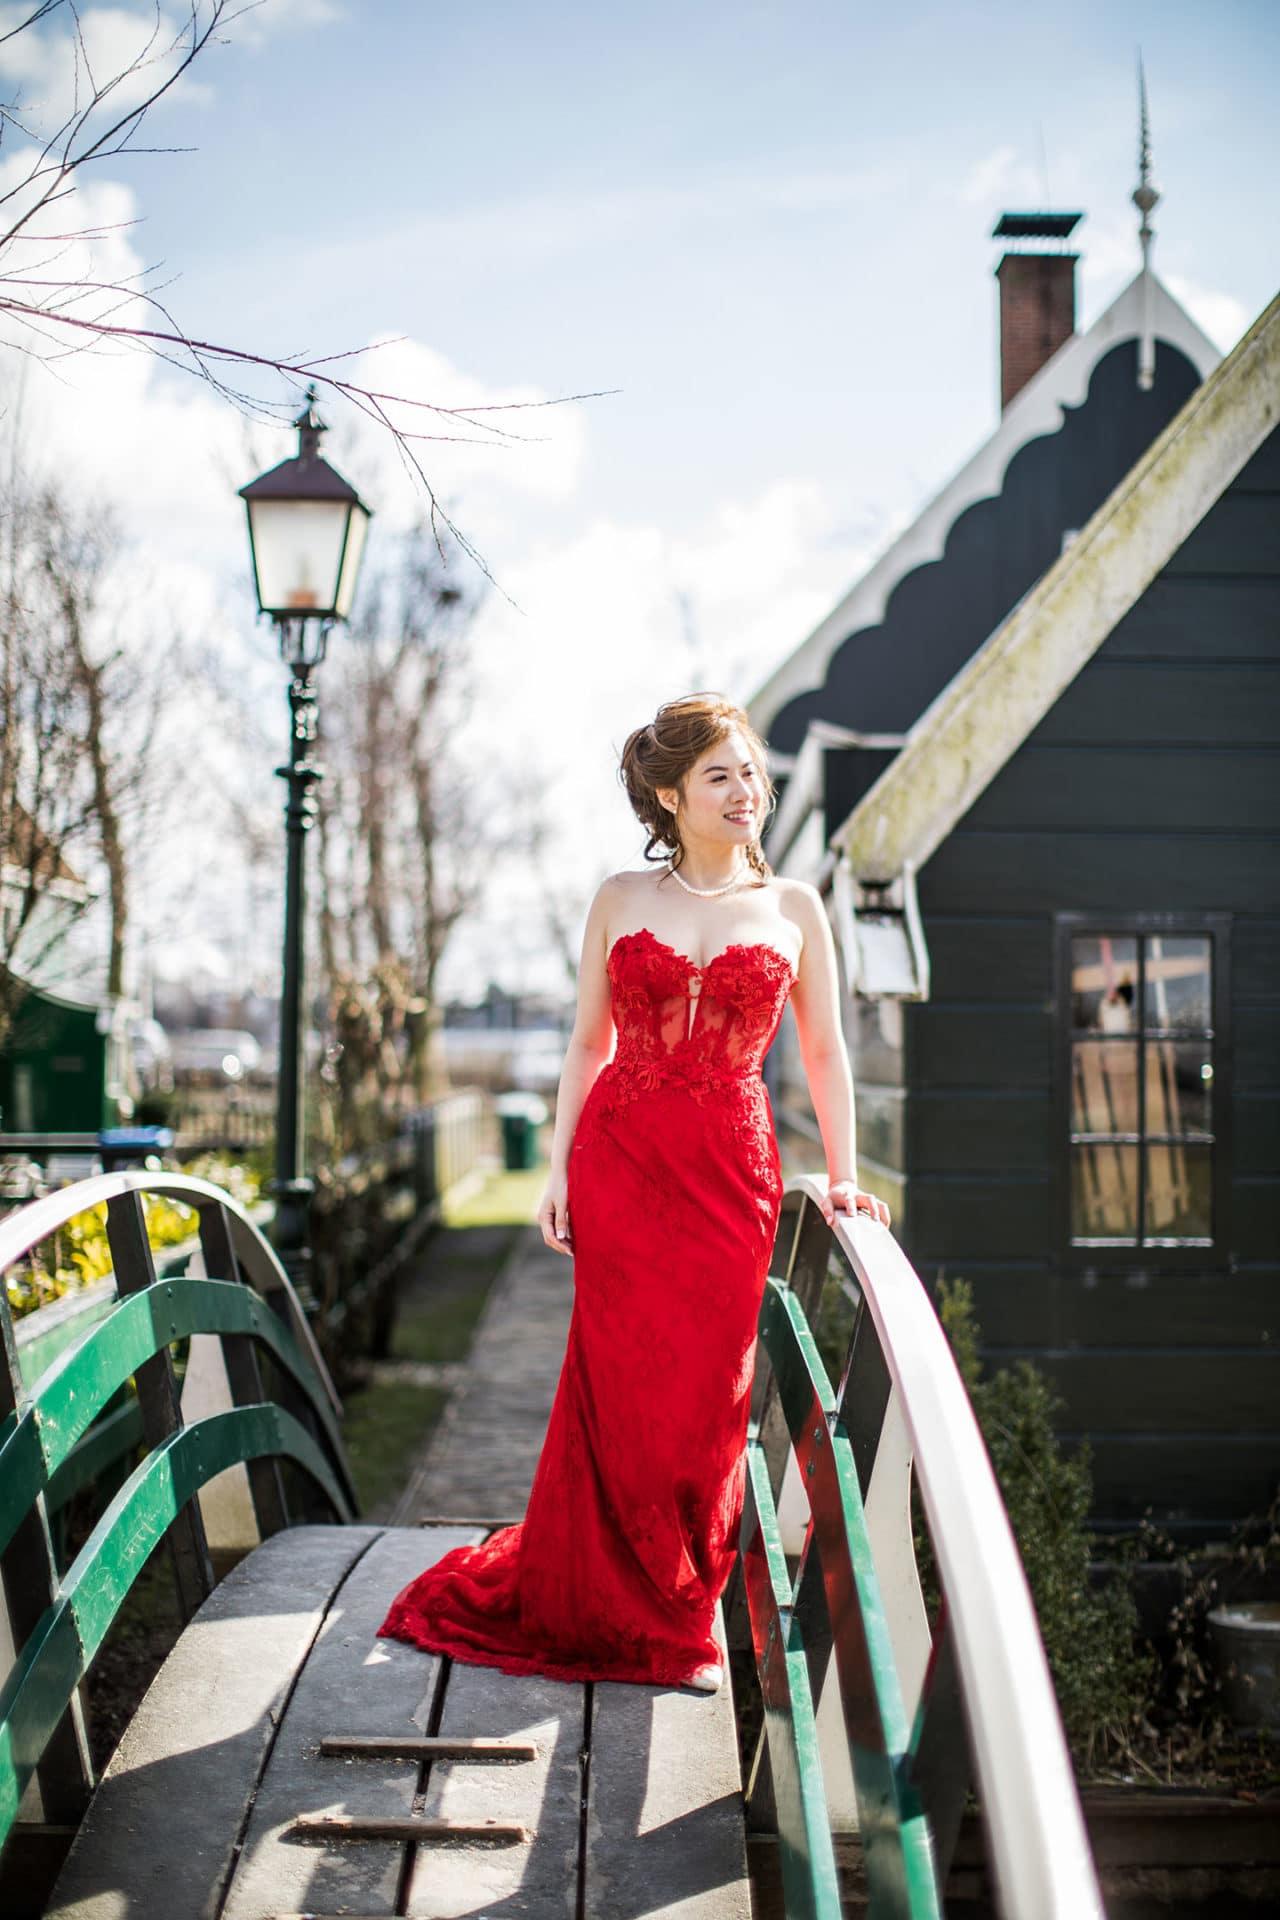 Amsterdam & Zaanse Schans prewedding photoshoot